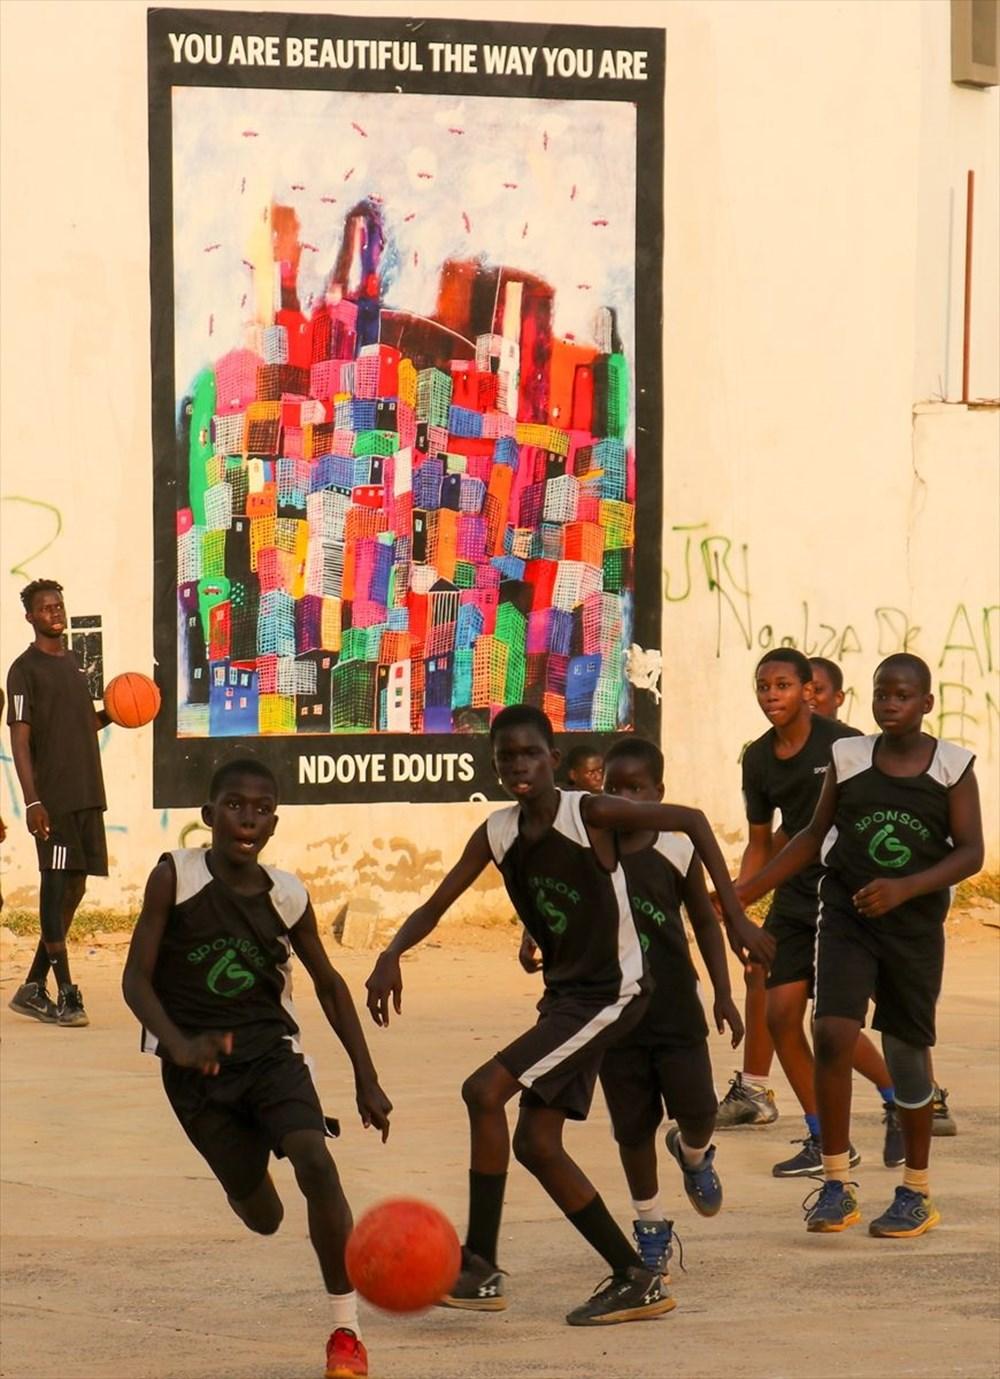 Afrikalı sanatçılar, Olduğun gibi güzelsin isimli çağdaş sanat projesinde birleşti - 9